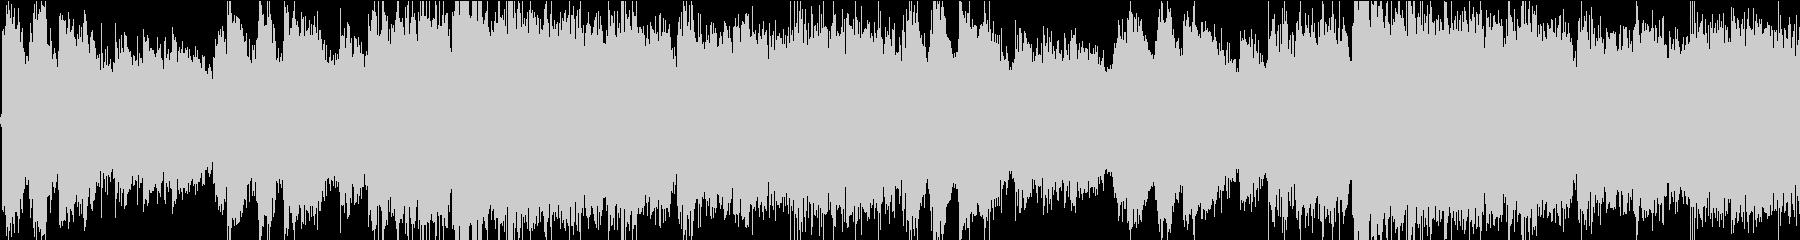 バトルループ(オーケストラ RPG)の未再生の波形